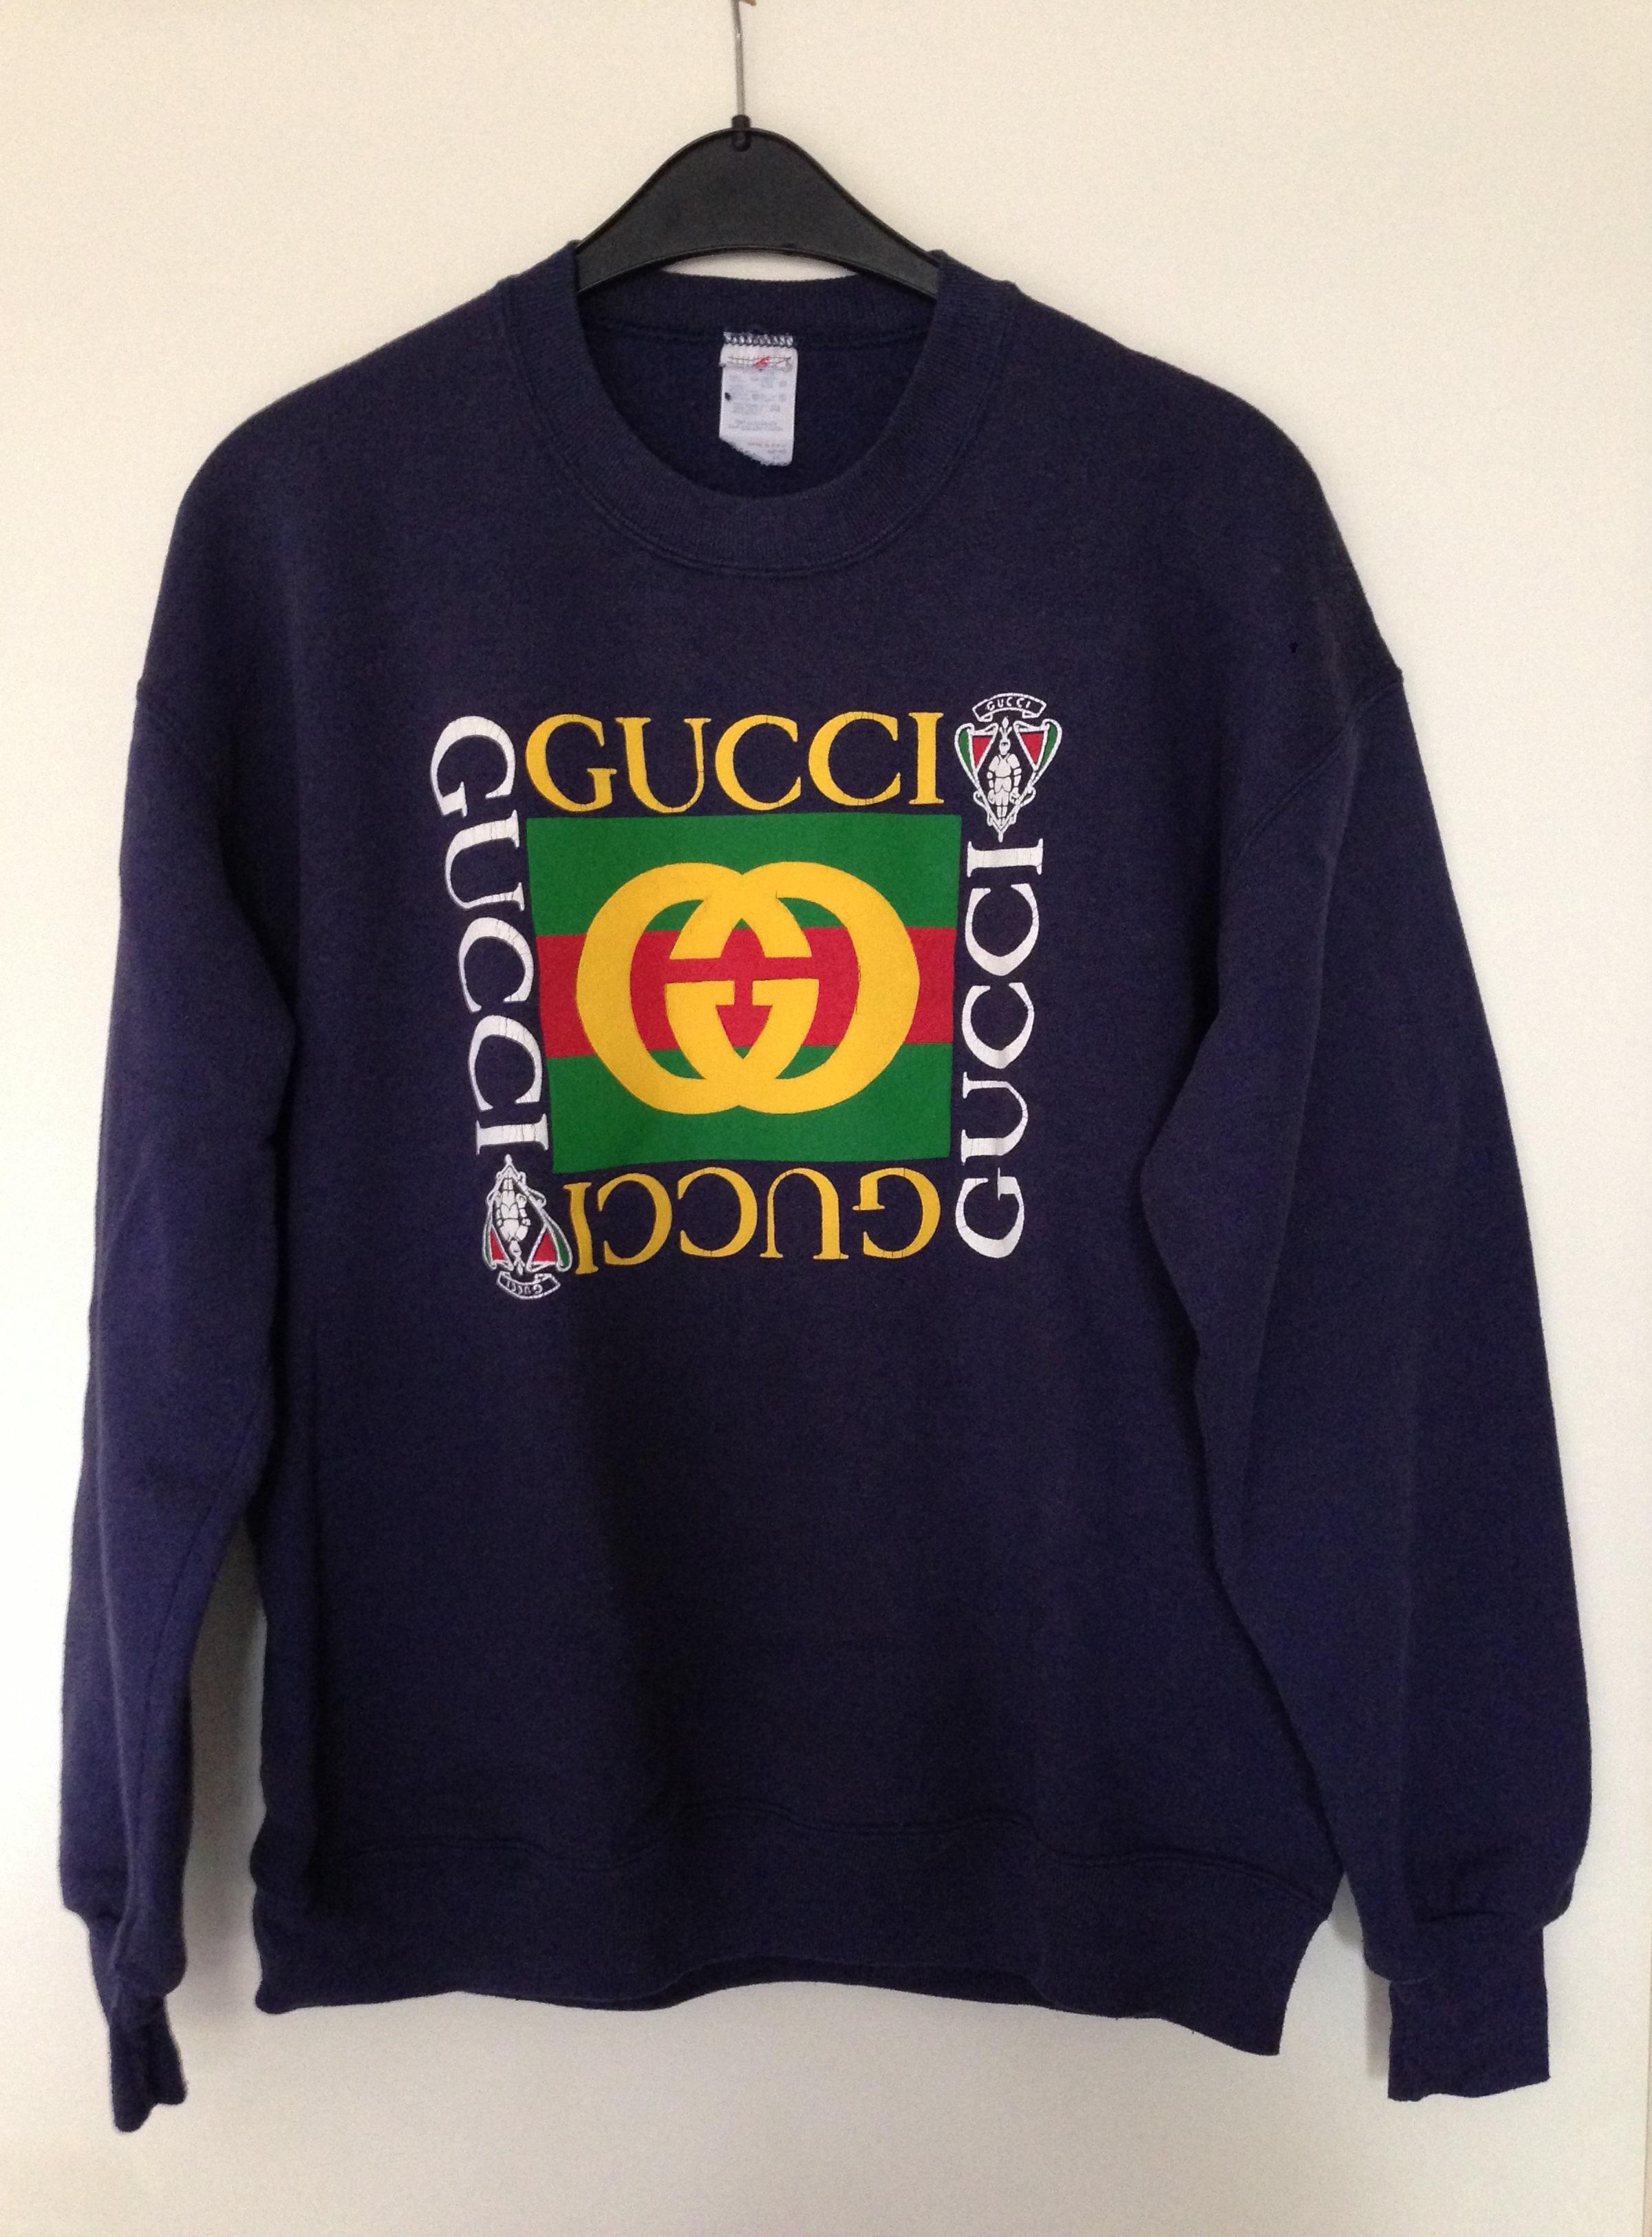 c96e8a1cf19a Gucci Vintage Bootleg Gucci Sweatshirt | Grailed